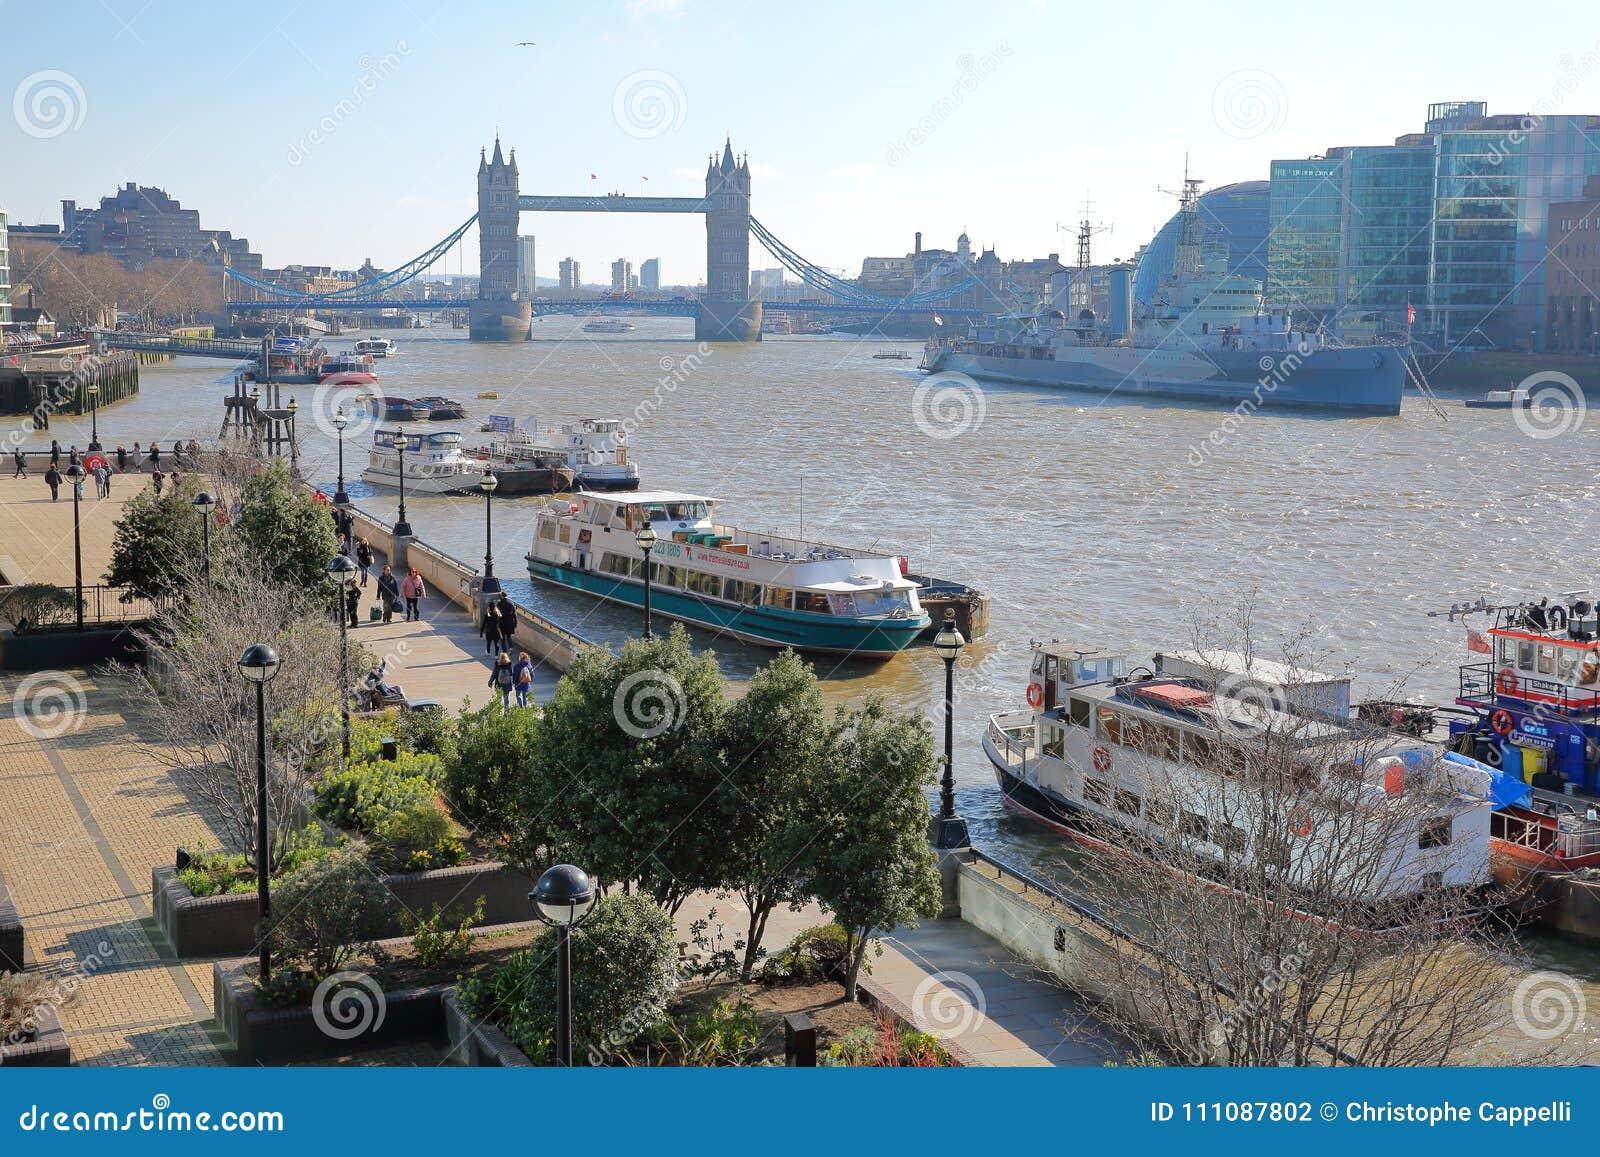 La promenade de rive est le long de la Tamise avec le pont de tour dans le fond et les péniches dedans le premier plan